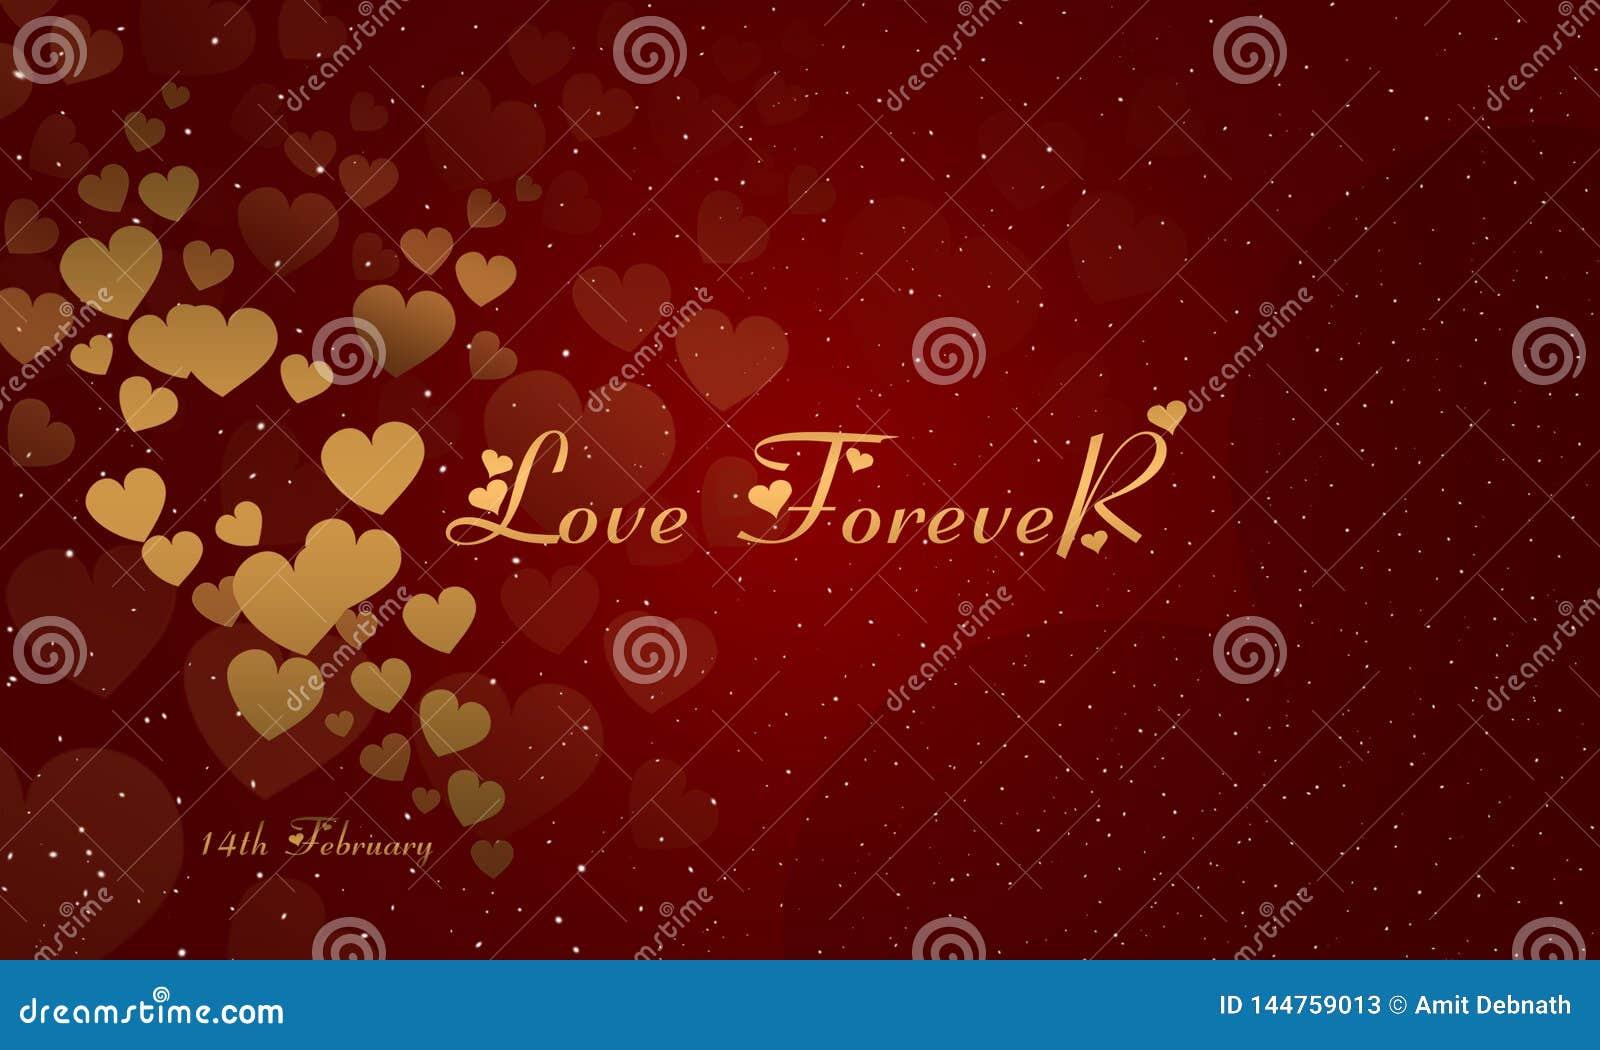 Imagem de fundo do dia de Valentim Cart?o do amor Day Rosa vermelha Amor para sempre